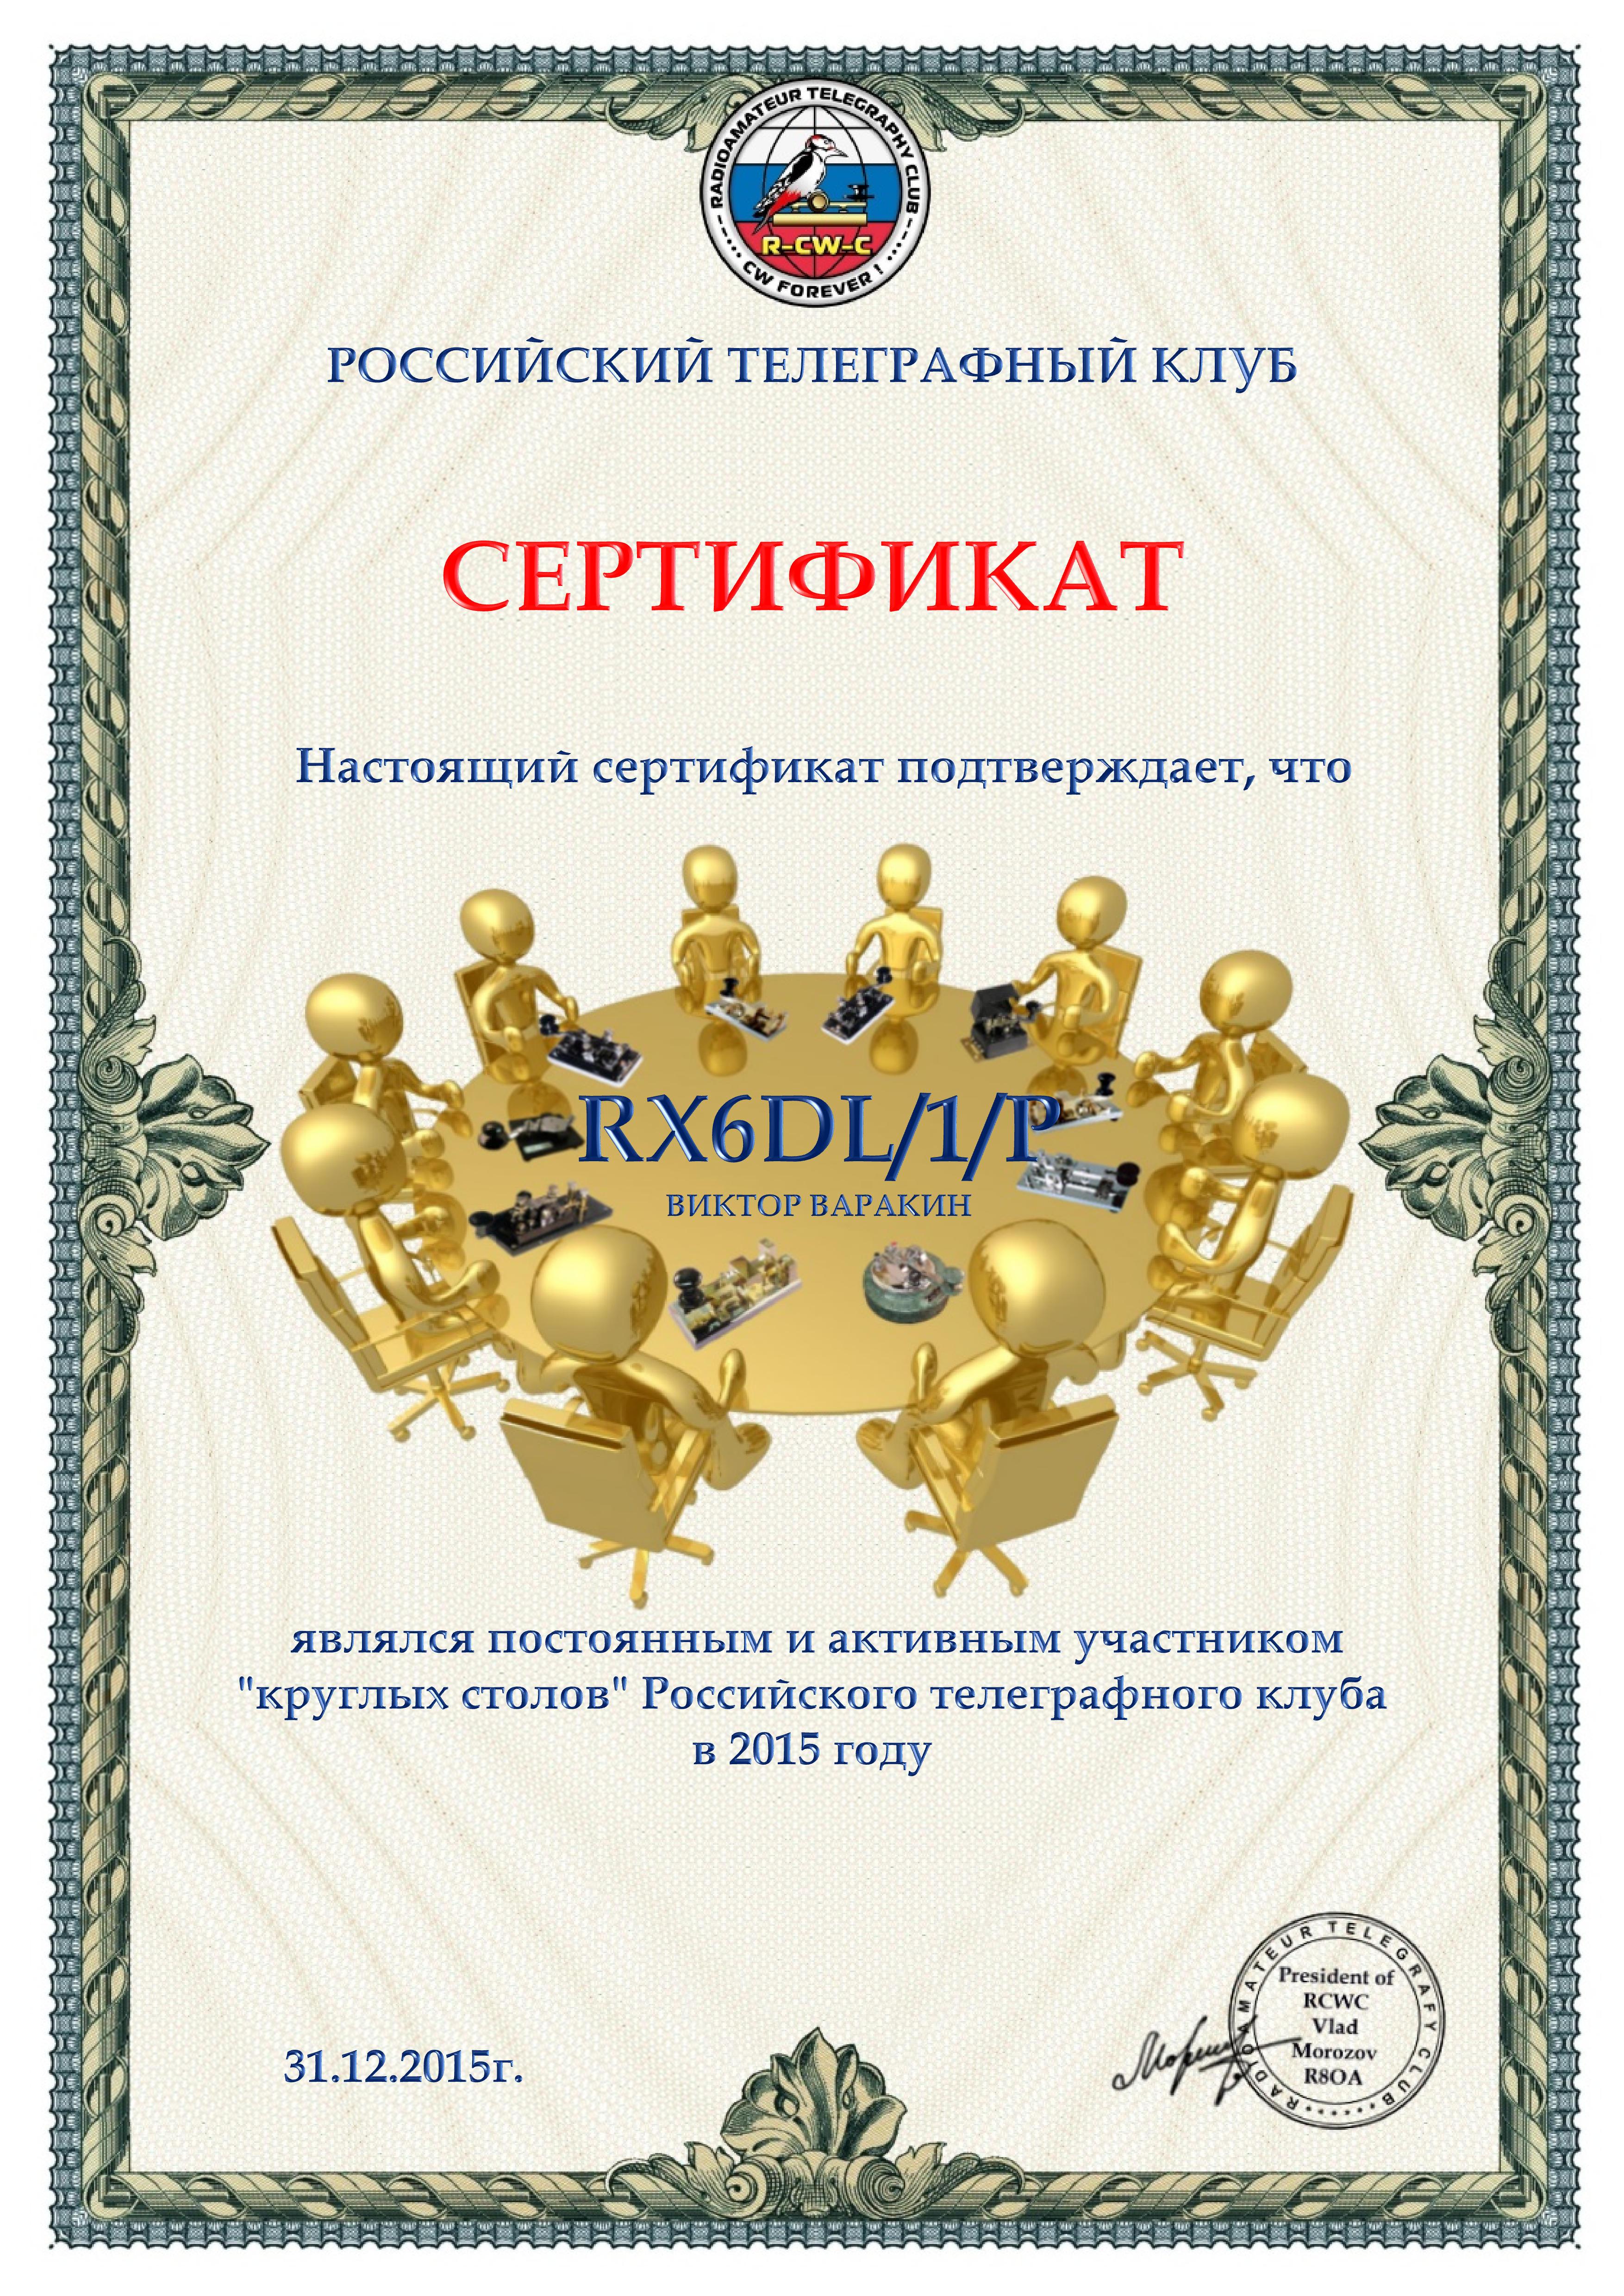 Нажмите на изображение для увеличения.  Название:1_RX6DL^1^P_КС_2015_ru.jpg Просмотров:0 Размер:2.59 Мб ID:205933